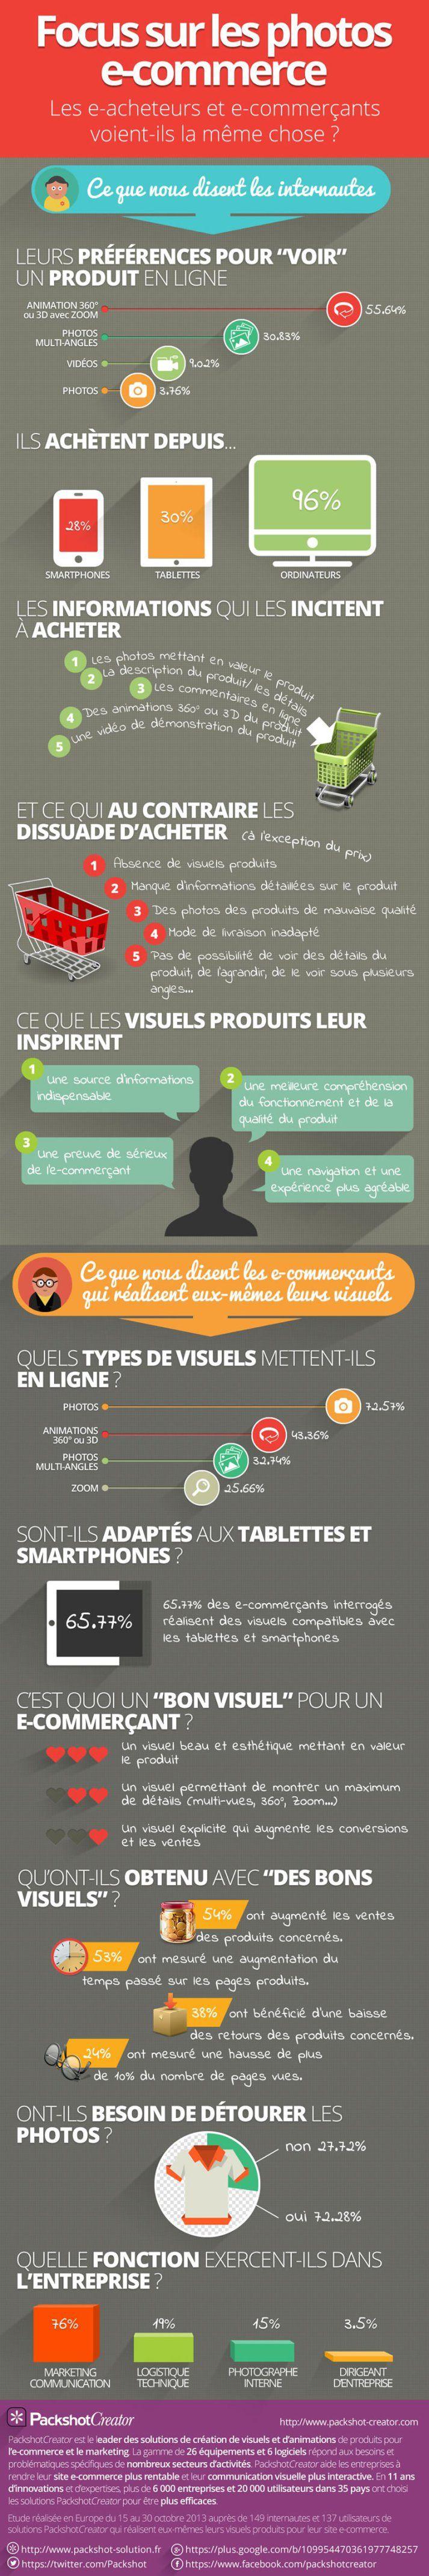 L'impact des visuels produits dans la décision d'achat des internautes